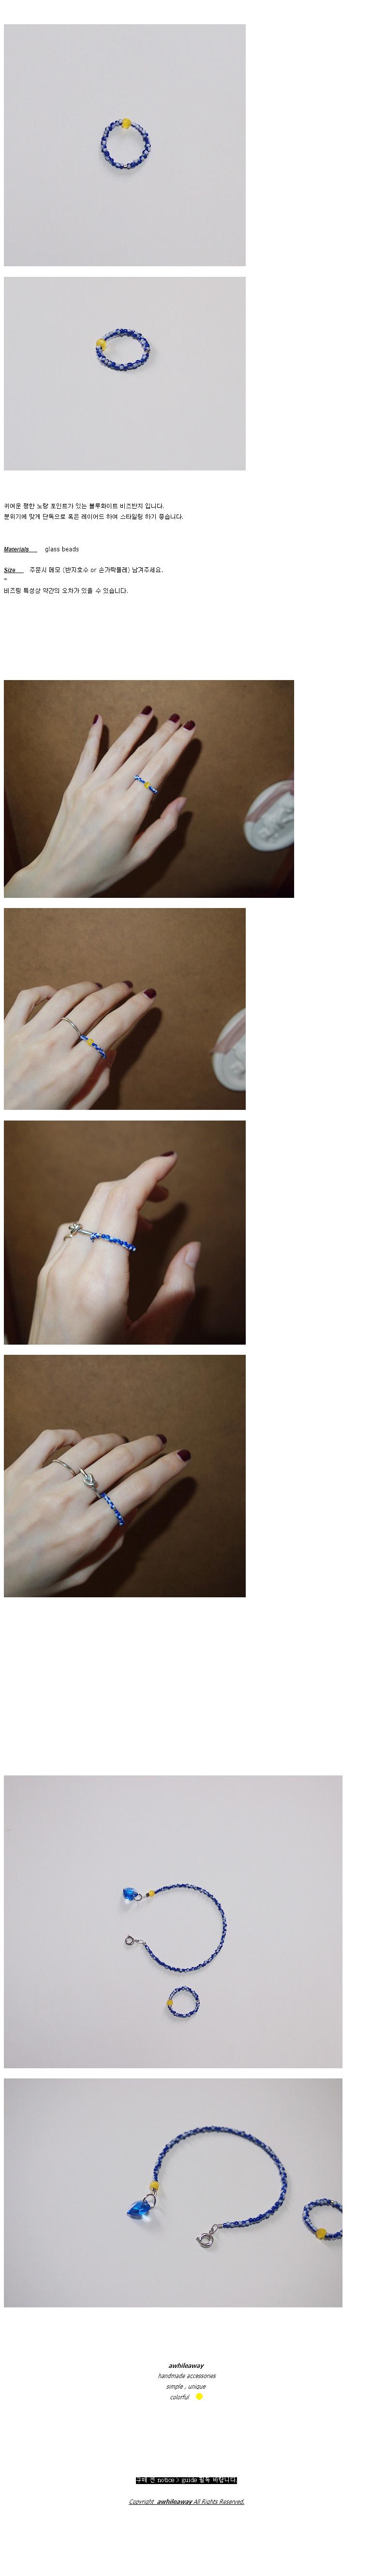 blue_white_r 블루화이트 비즈반지 - 어와일어웨이, 6,160원, 패션, 패션반지